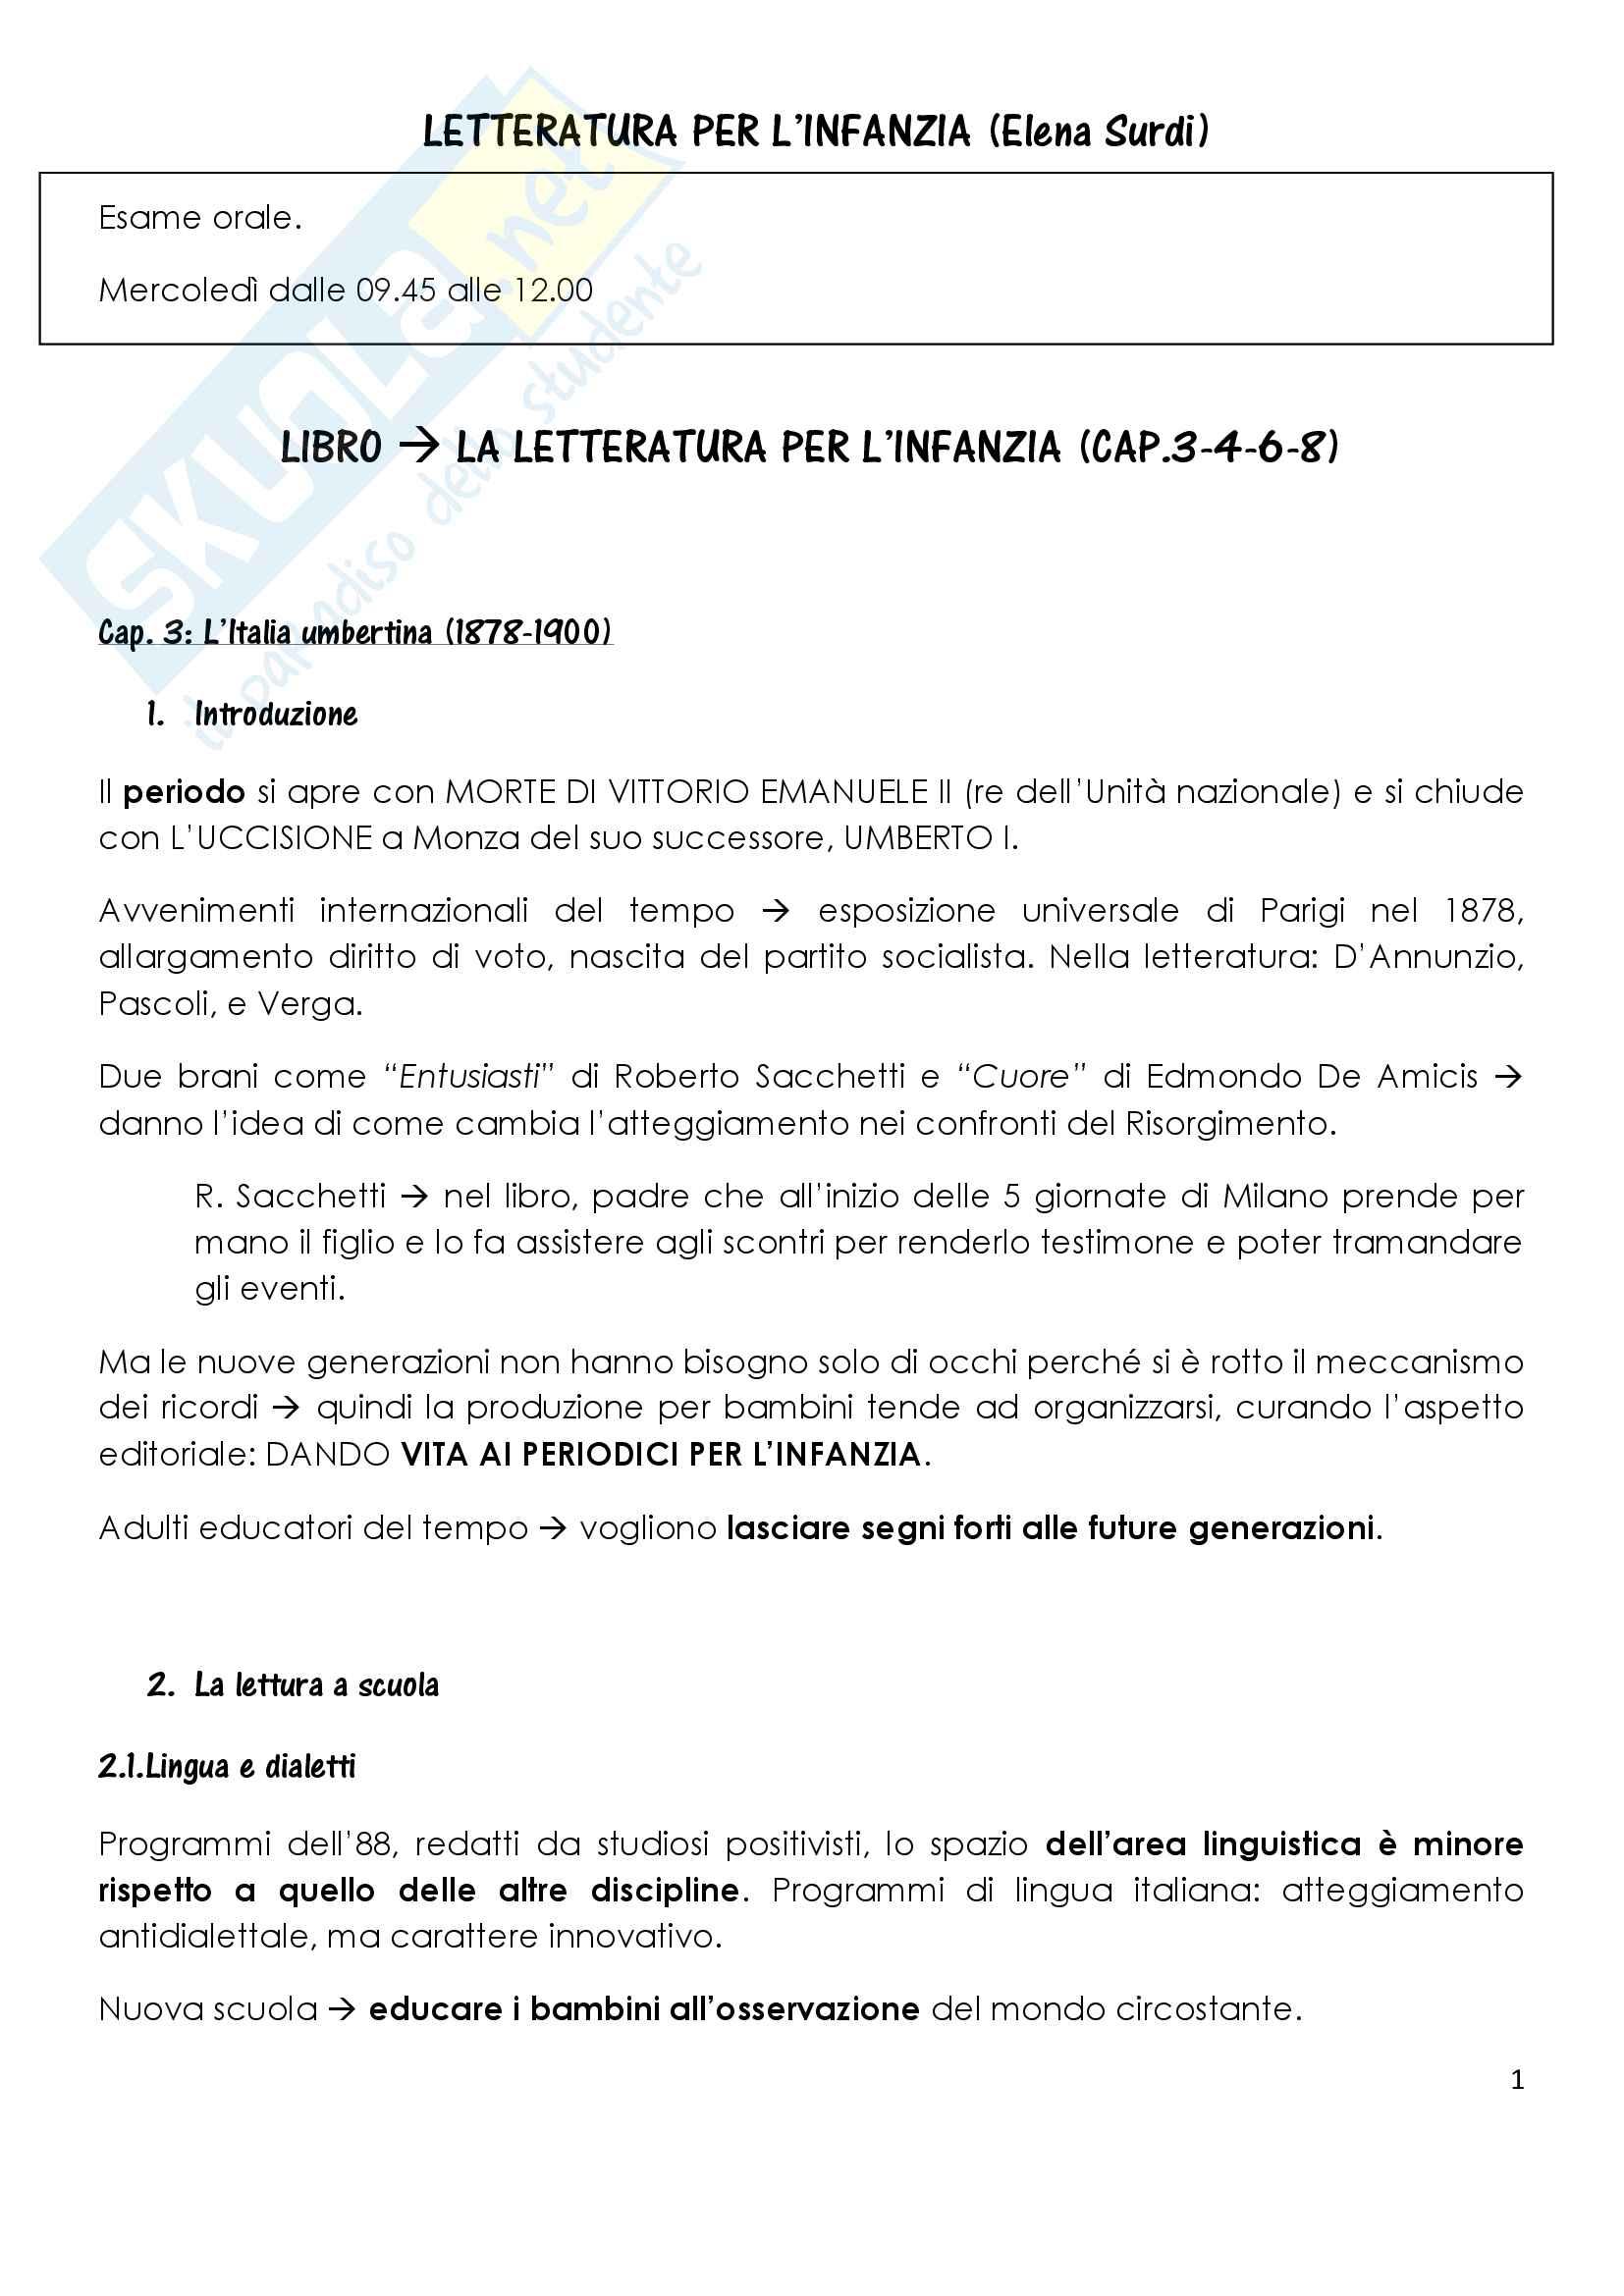 Sunto di letteratura per l'infanzia, docente Elena Surdi, libro consigliato La letteratura per l'infanzia, P. Boero, C.De Luca